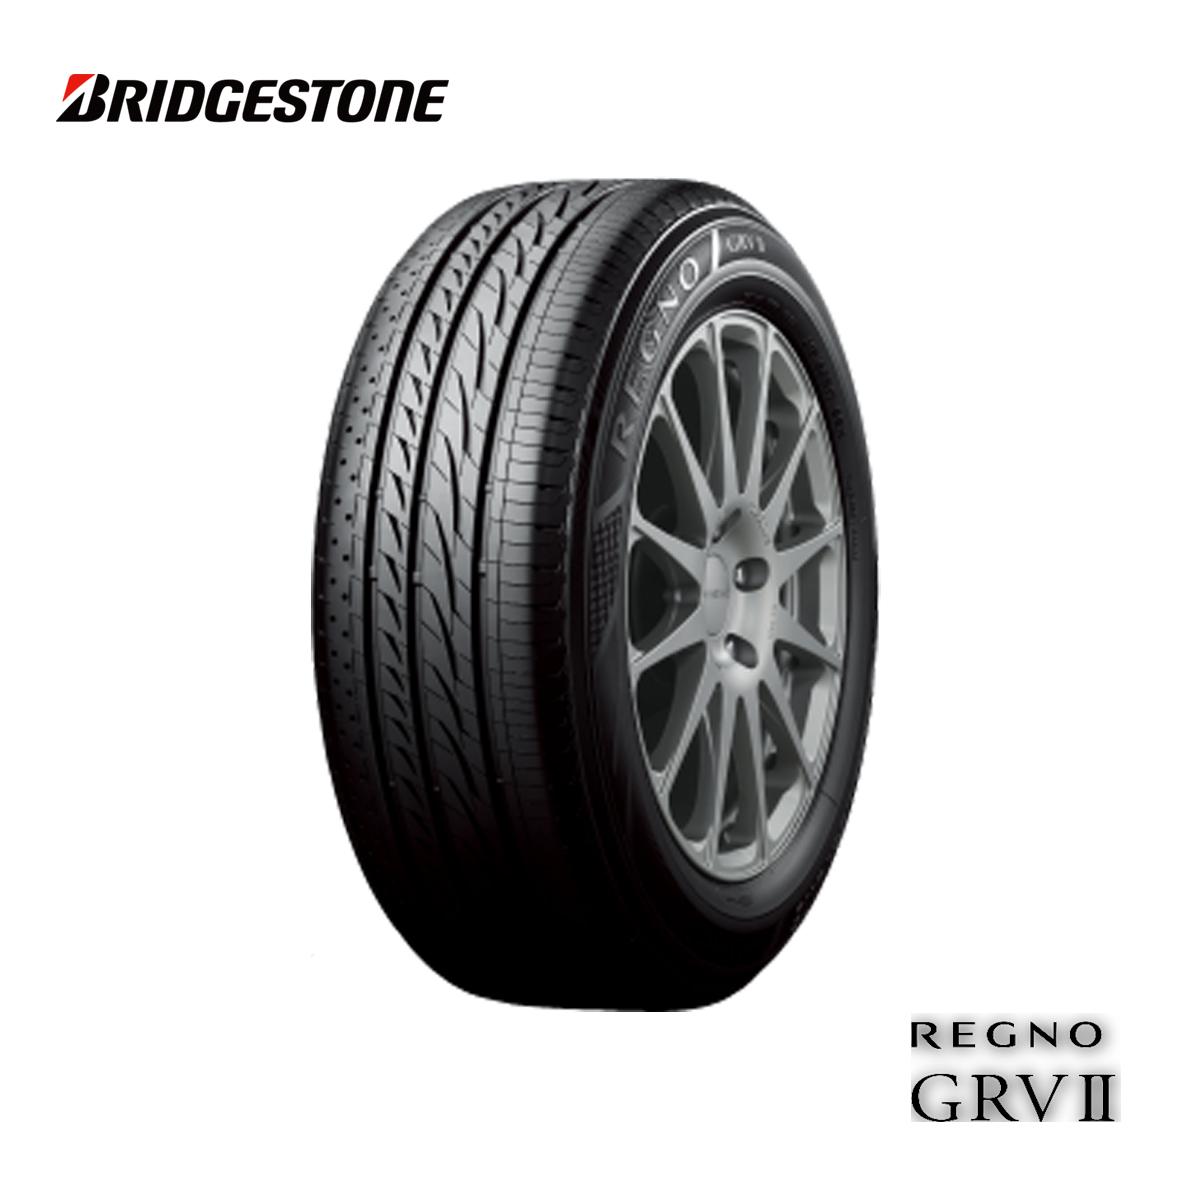 ブリヂストン BS 20インチ タイヤ 245/35R20 245 35 20 レグノ サマータイヤ 4本 低燃費 エコ 夏 サマー タイヤ BRIDGESTONE REGNO GRVII GRV2